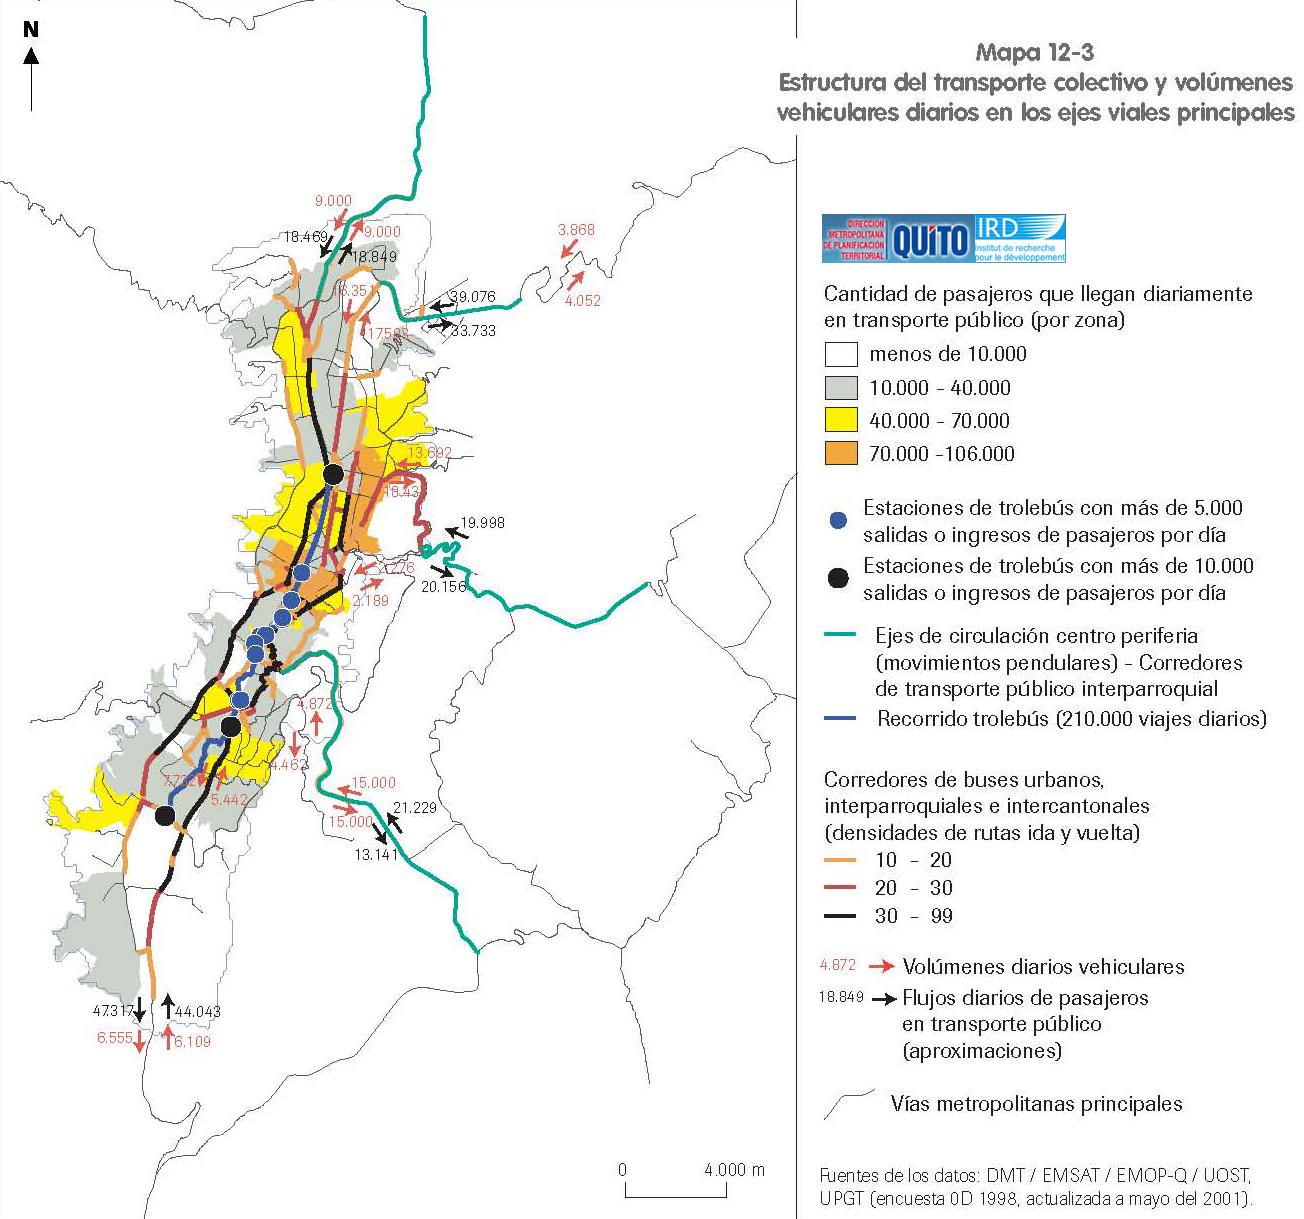 Estructura del transporte colectivo y volúmenes vehiculares diarios en Quito 2001